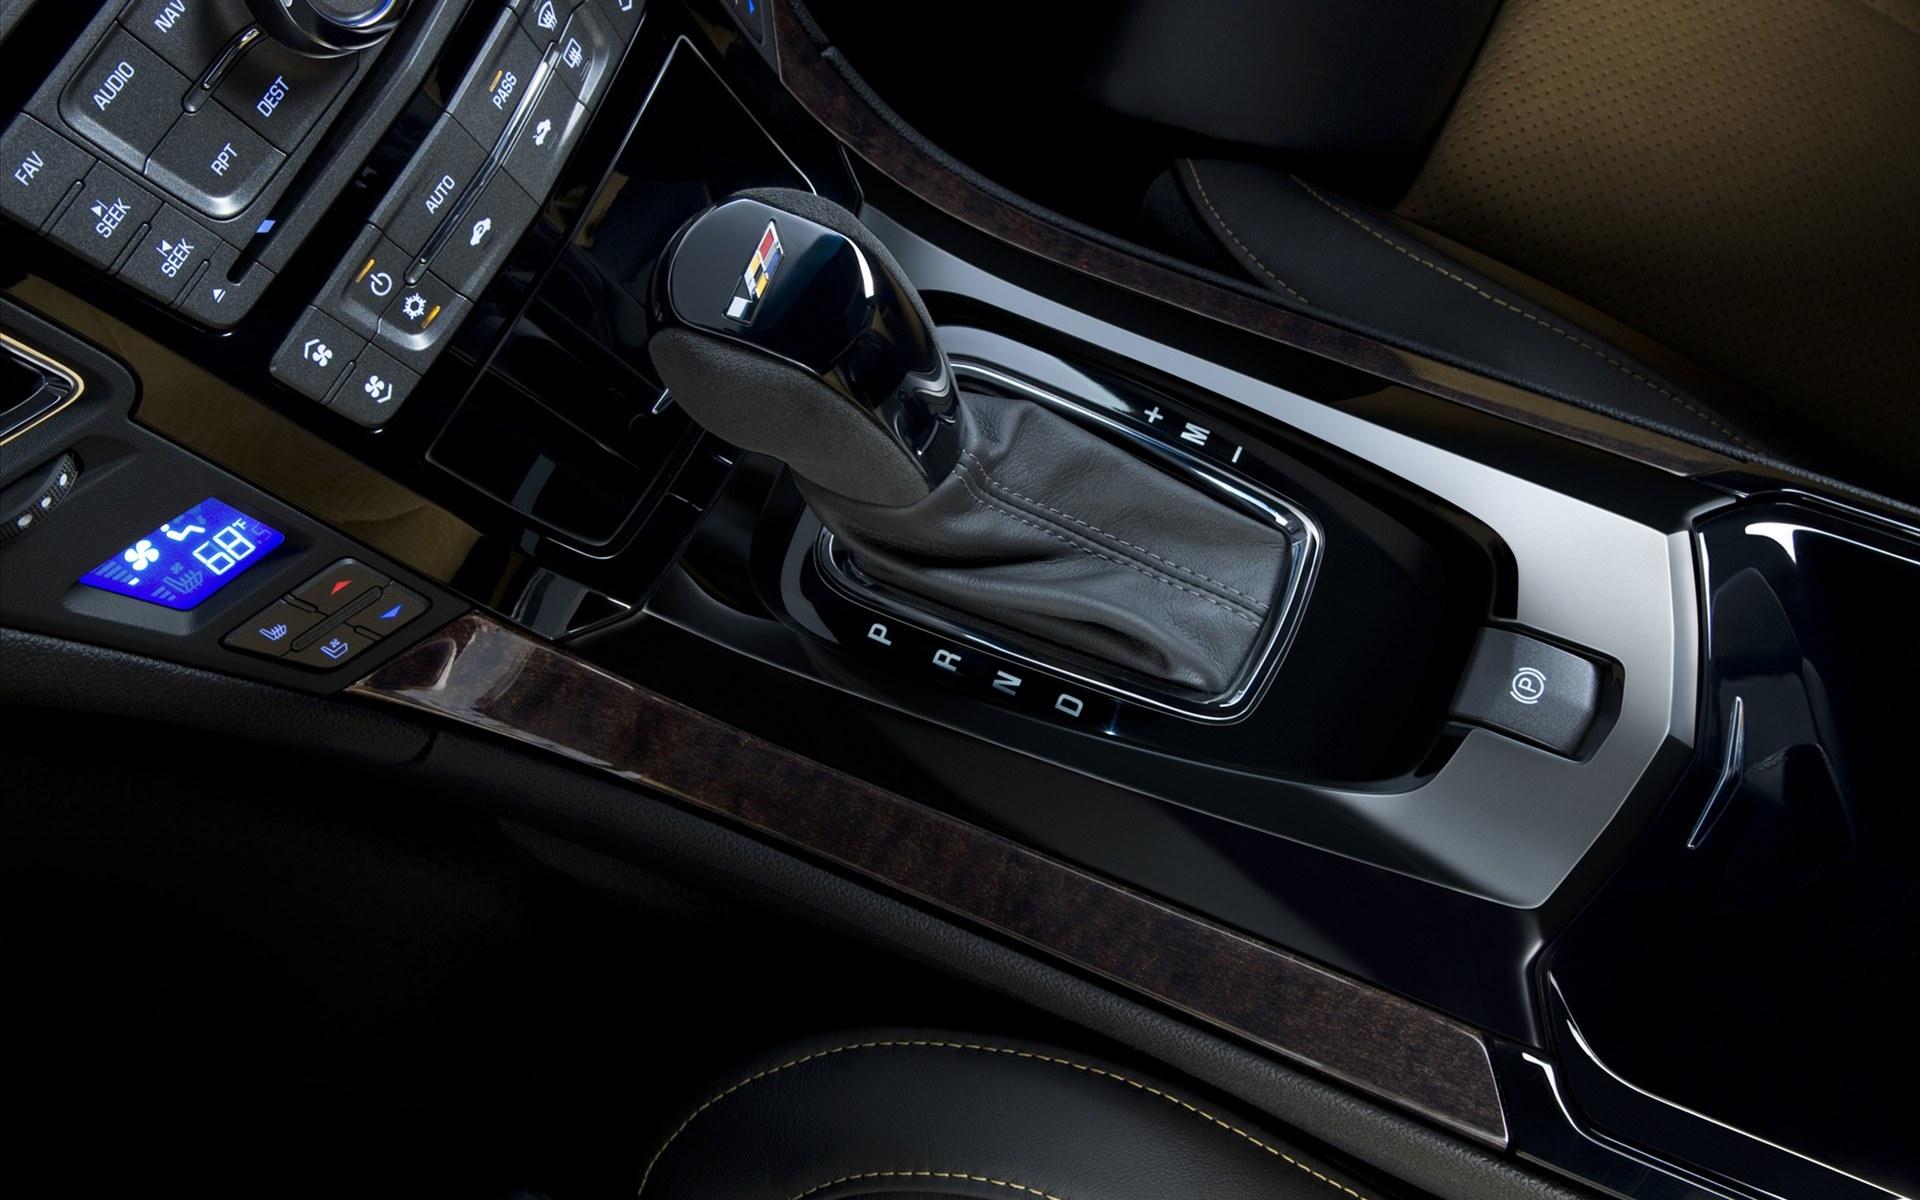 КПП (коробка передач) для Cadillac